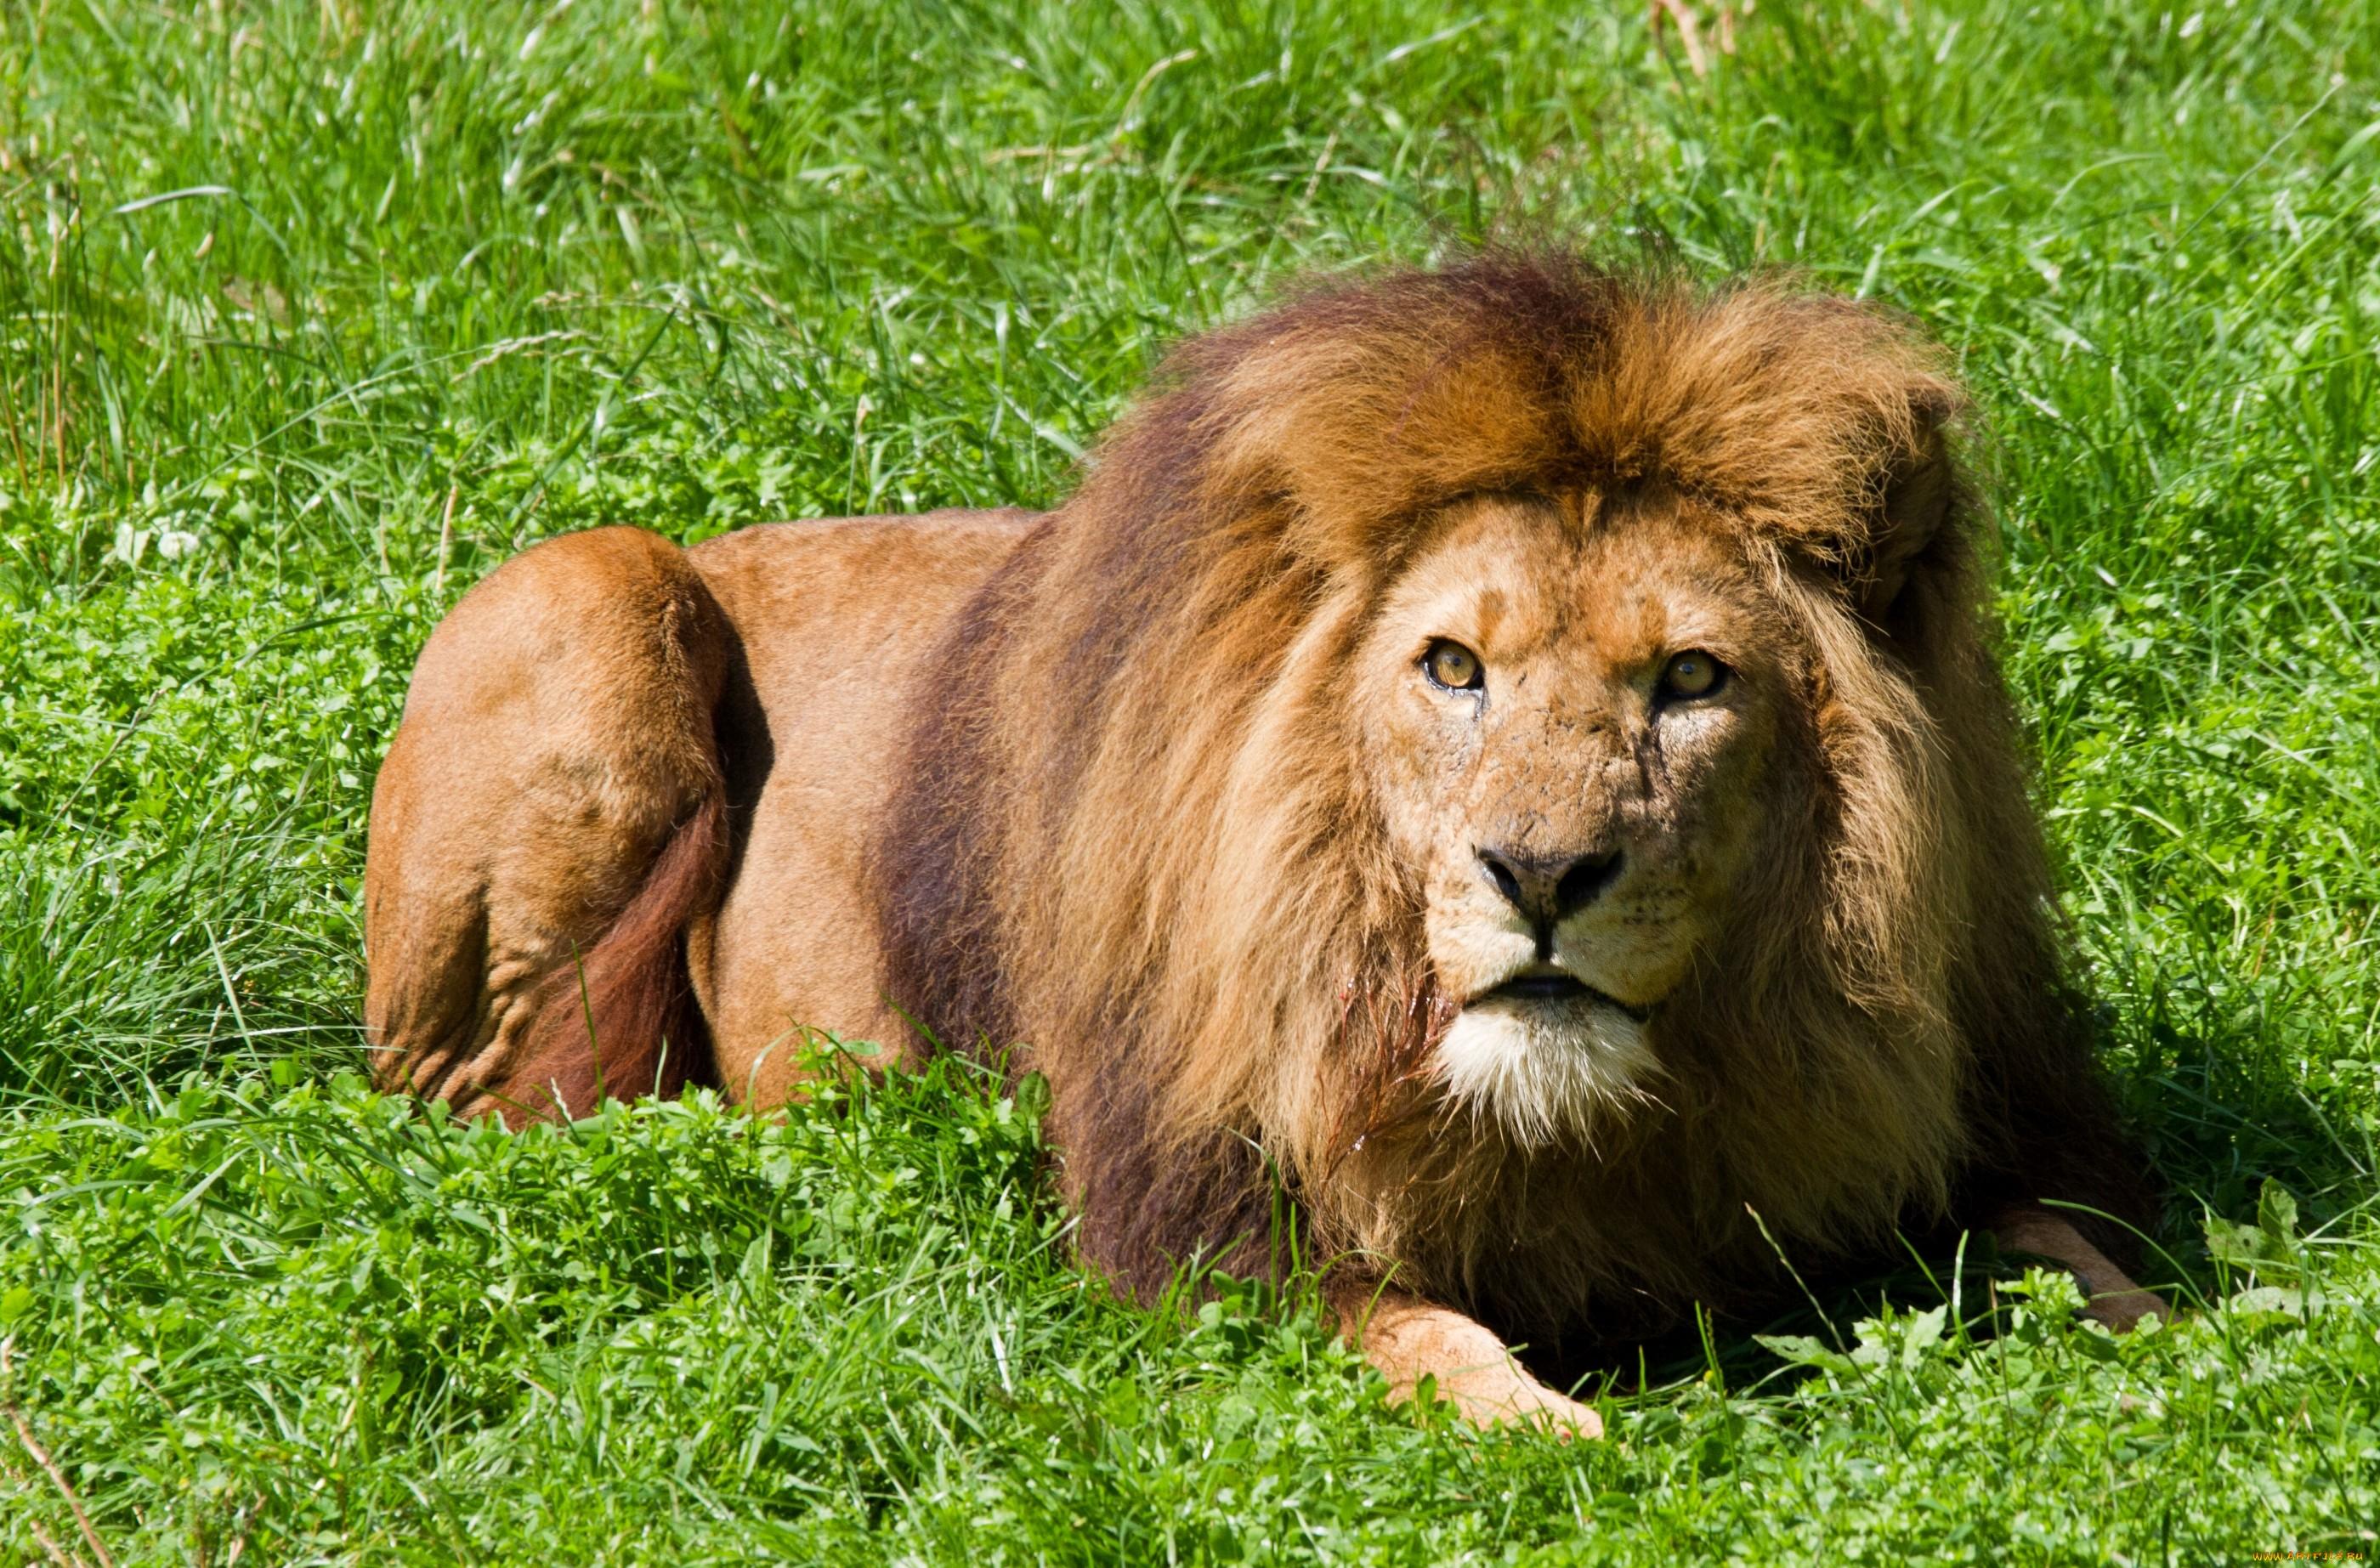 картинки на рабочий лев на природе сохранились тронутые